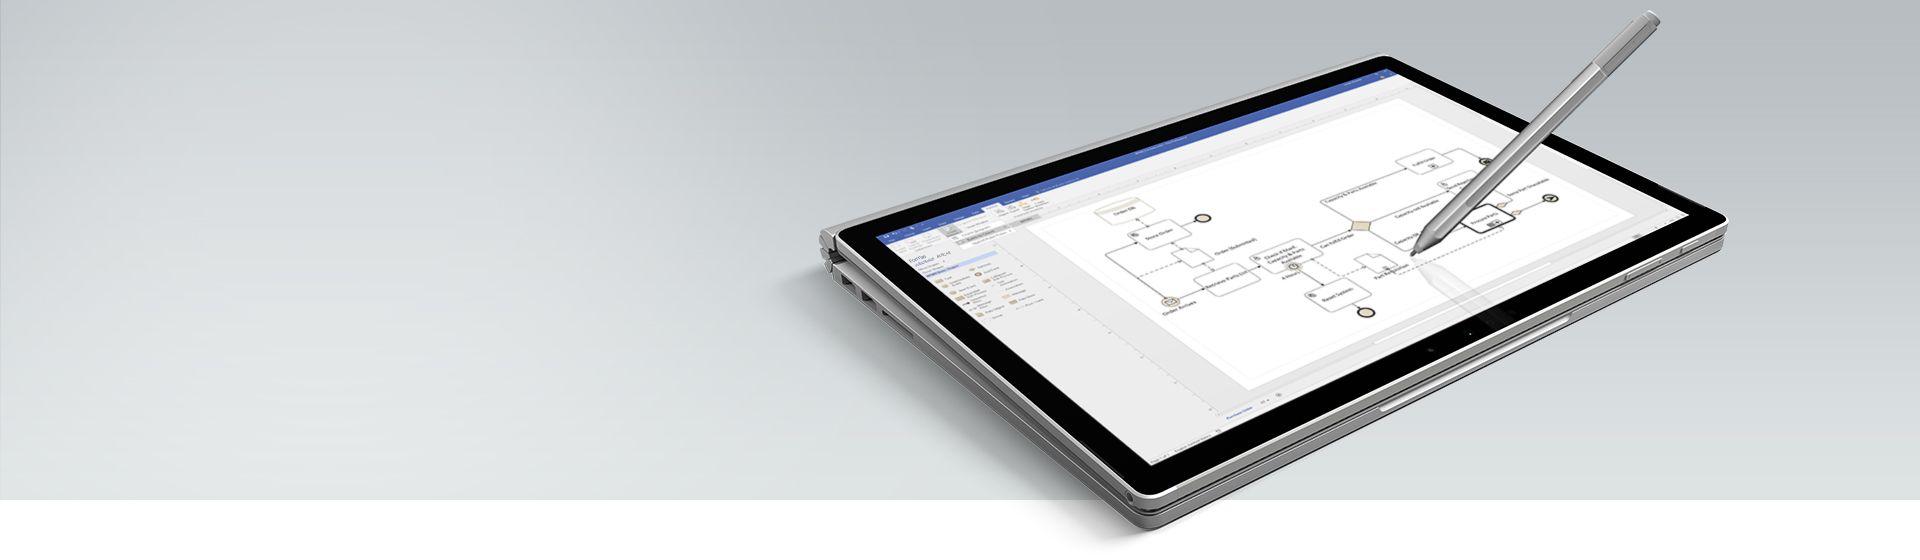 Una tableta Surface donde se muestra un diagrama de procesos en Visio